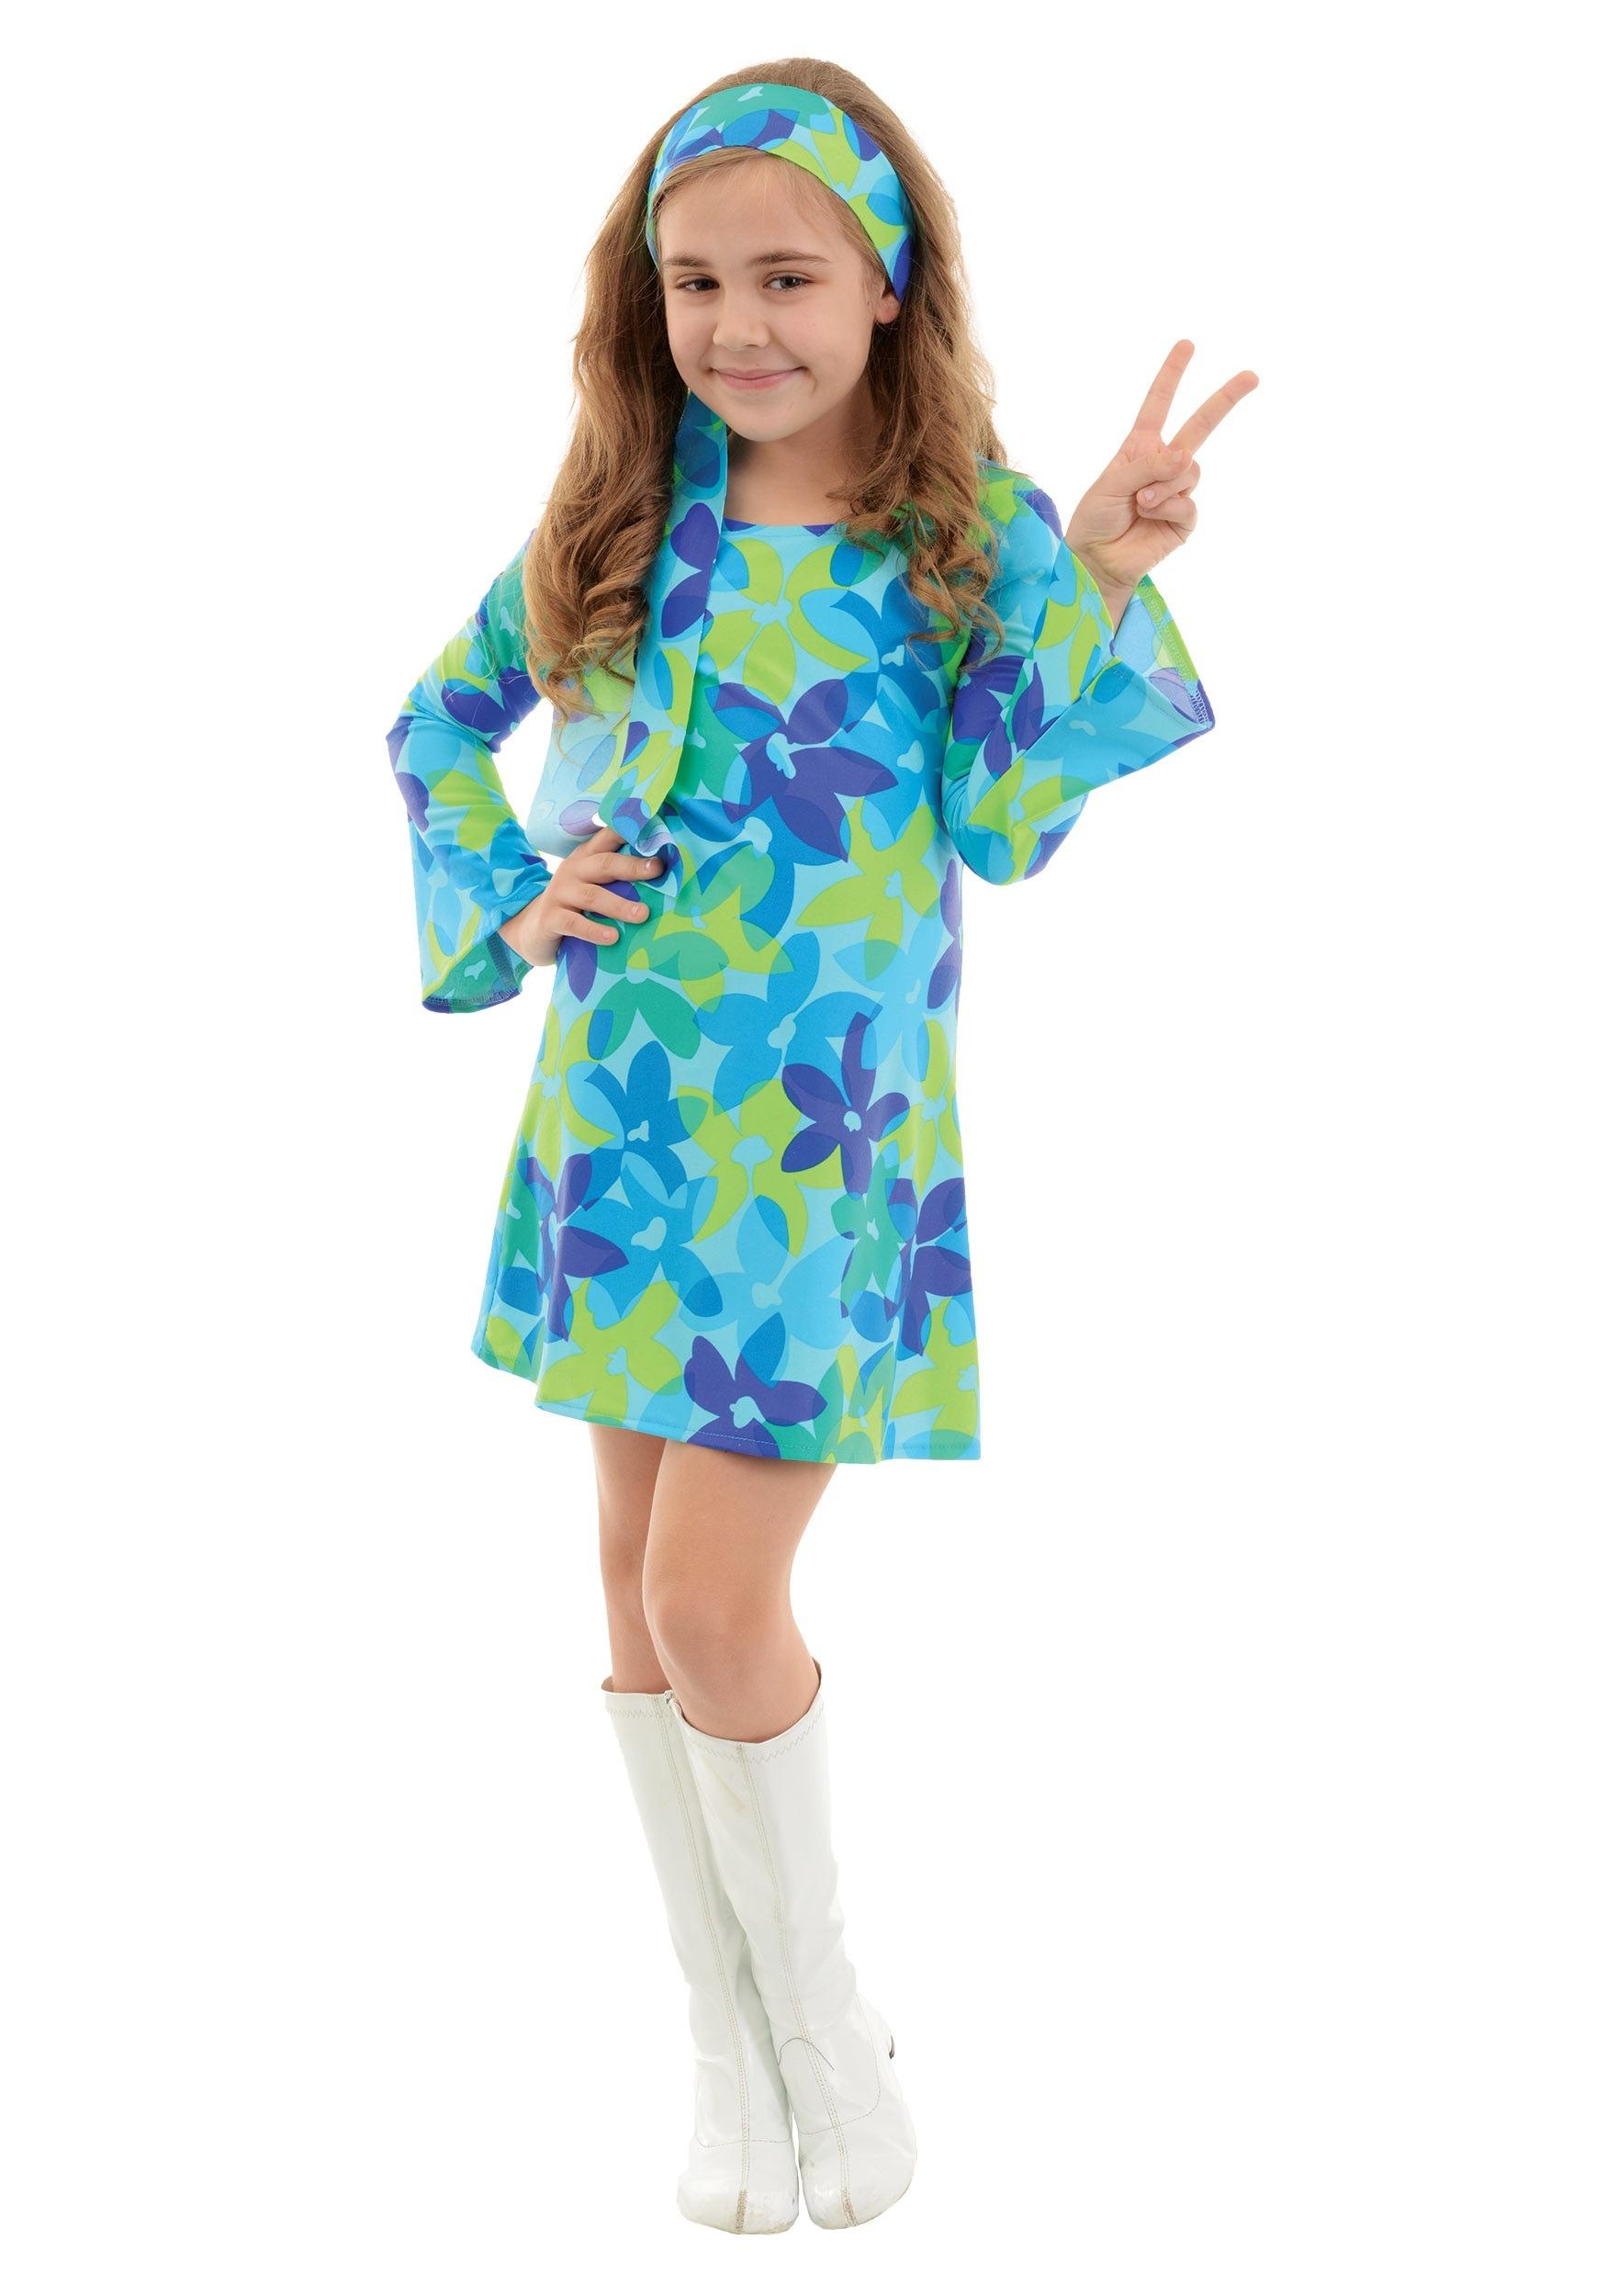 724a3479d Disfraz de armonía hippie para niños